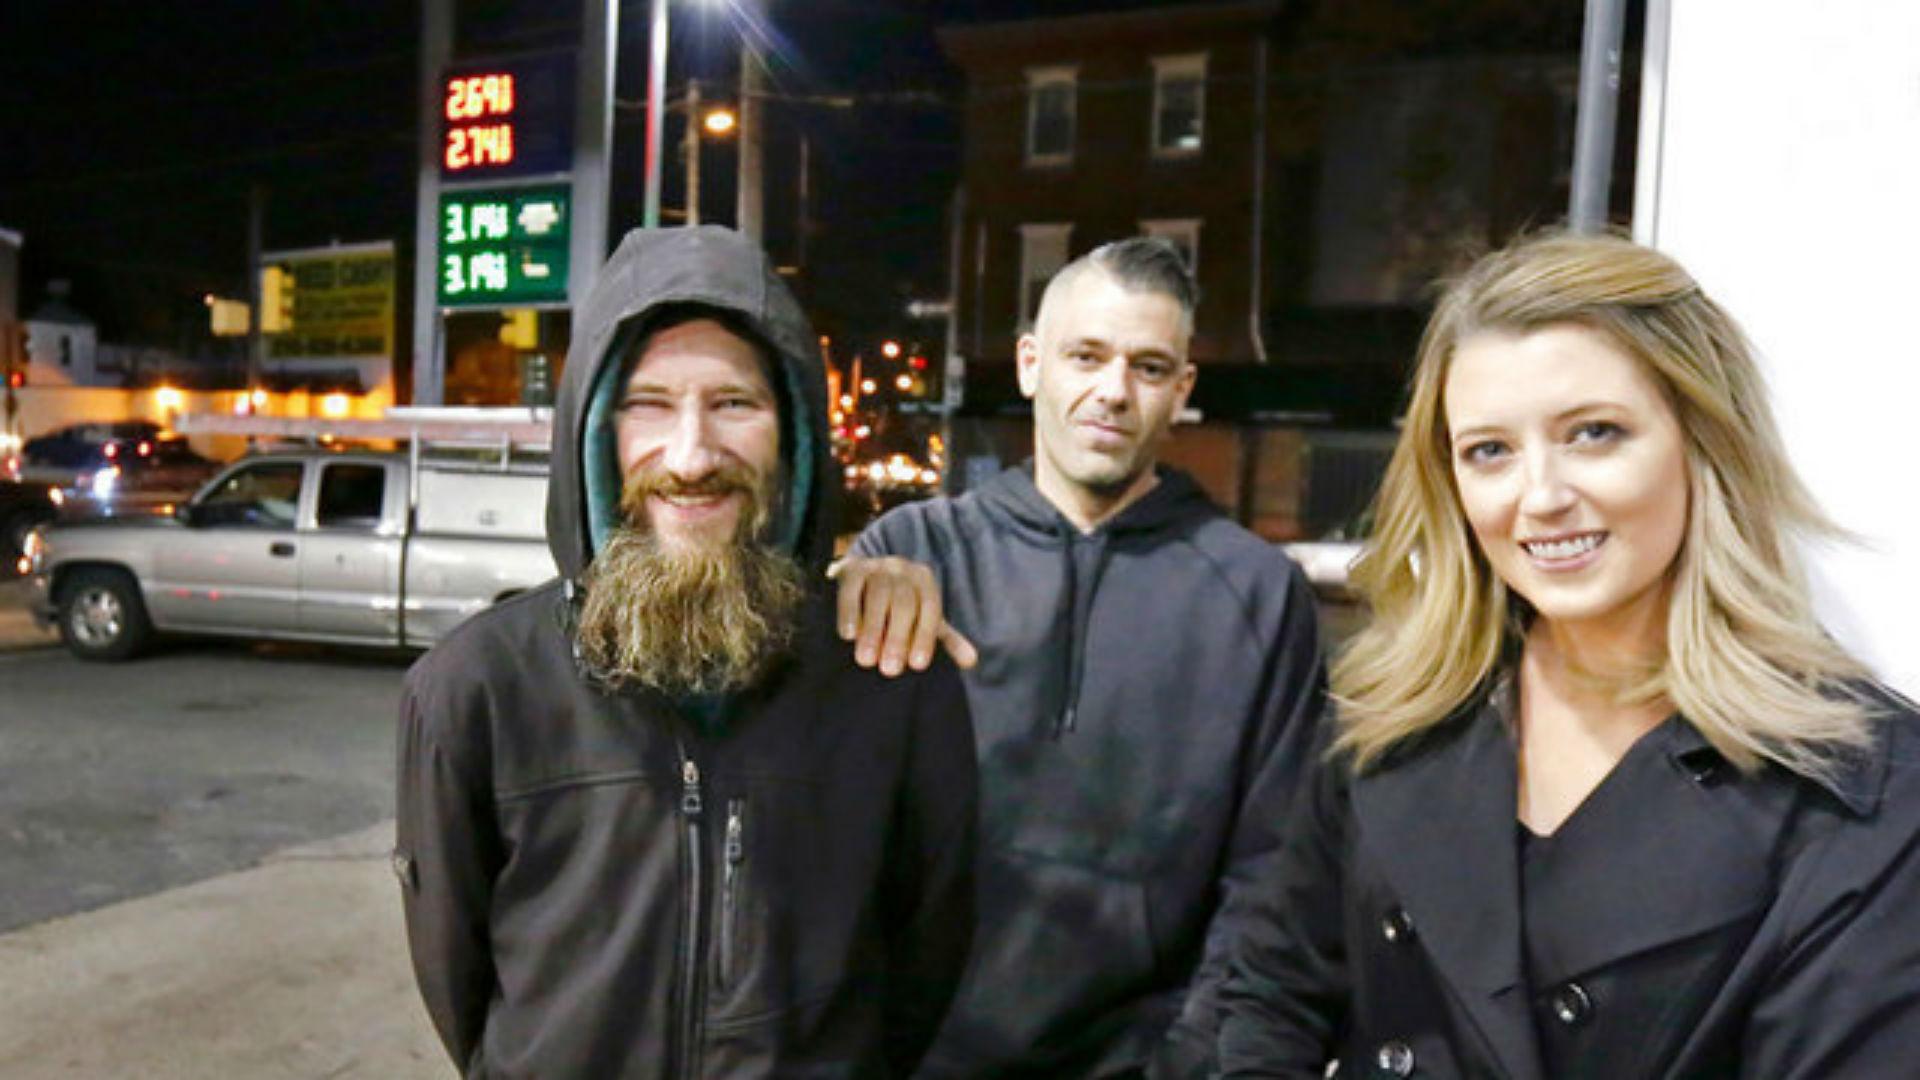 homeless man scheme_1542294474752.jpg.jpg